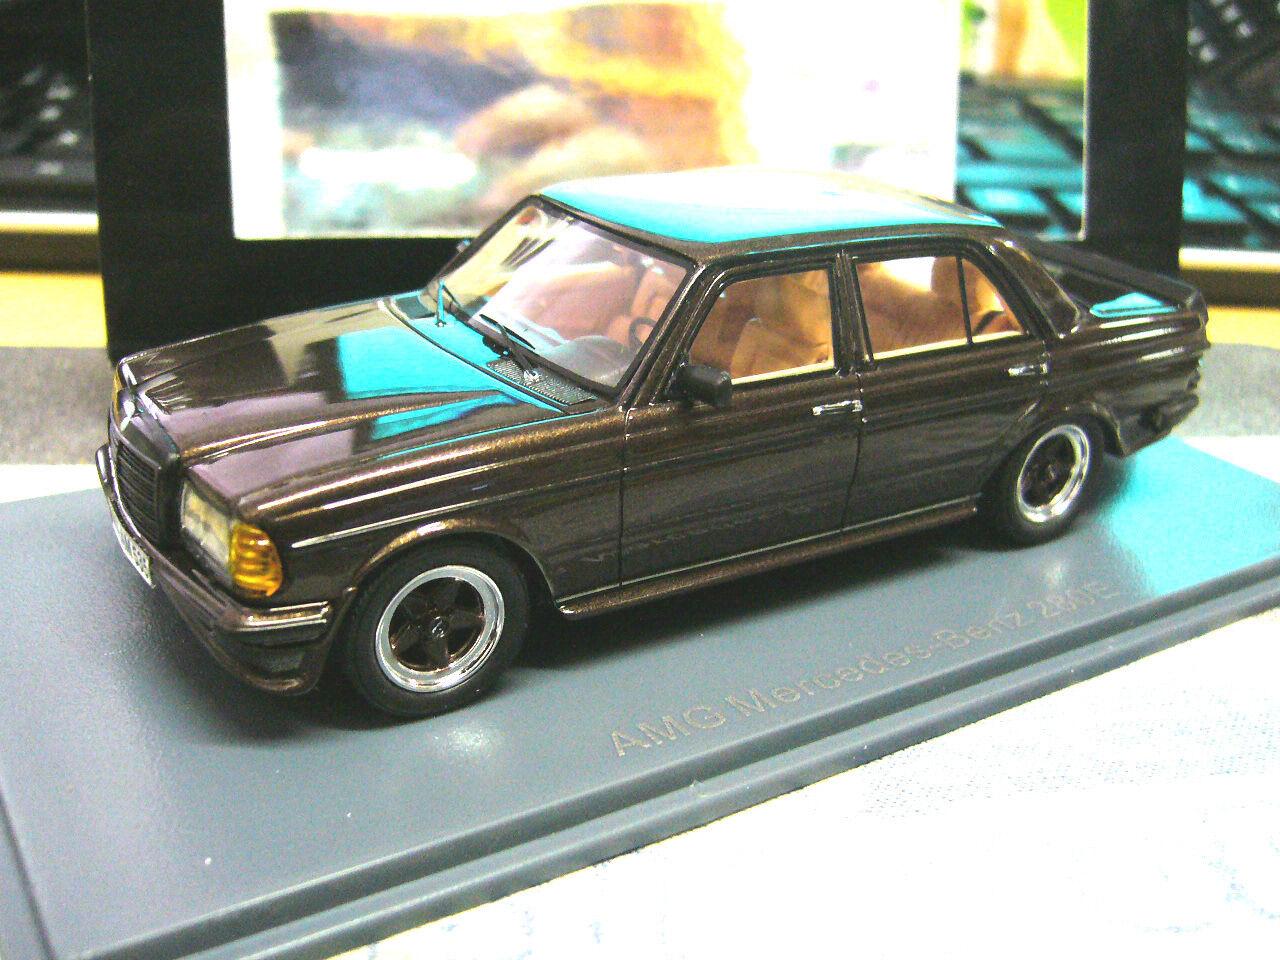 MERCEDES Benz W123 E klasse 280 AMG Tuning 1980 brown brown met NEO Resin 1 43